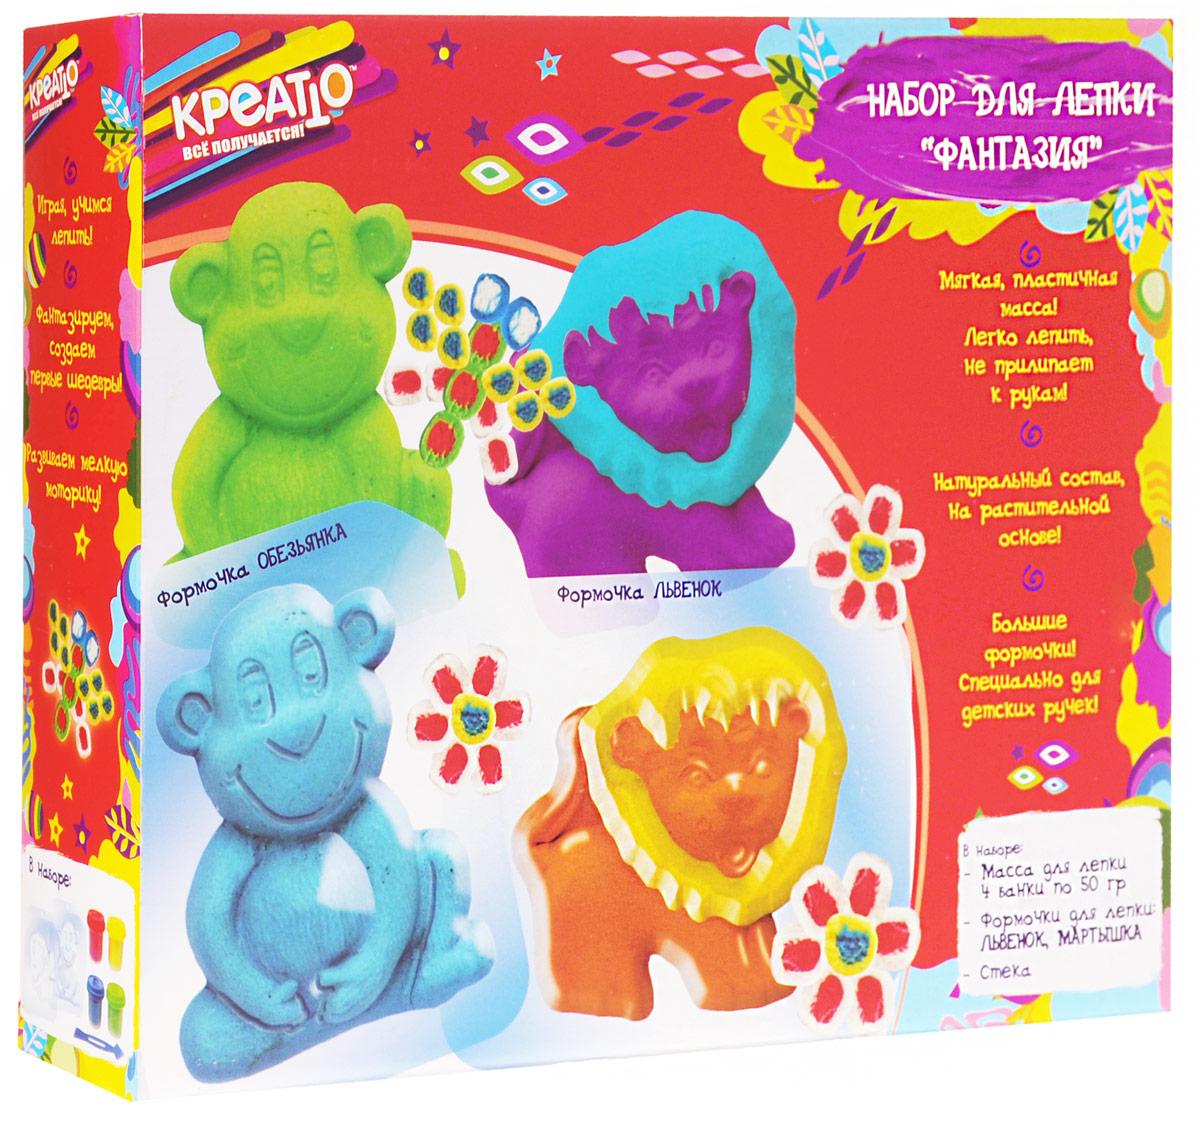 Креатто Набор для лепки Фантазия24707Набор Креатто Фантазия создан специально для детских пальчиков: масса для лепки содержит натуральный состав, поэтому безопасна для кожи малыша. Она мягкая, пластичная, не прилипает к рукам, поэтому лепить из нее - одно удовольствие. Крупные формочки в виде забавных львенка и мартышки удобны для маленьких детских ручек. В наборе: 4 баночки массы для лепки по 50 г с крышками в виде формочек животных, 2 большие формочки: львенок, мартышка и стек. Масса для лепки создана на растительной основе. Цвета: желтый, красный, синий, зеленый. С таким замечательным набором легко и интересно учиться лепить, создавать разноцветных зверушек, придумывать свои собственные поделки, развивая при этом у крохи мелкую моторику, гибкость пальчиков, воображение, цветовое и тактильное восприятие.